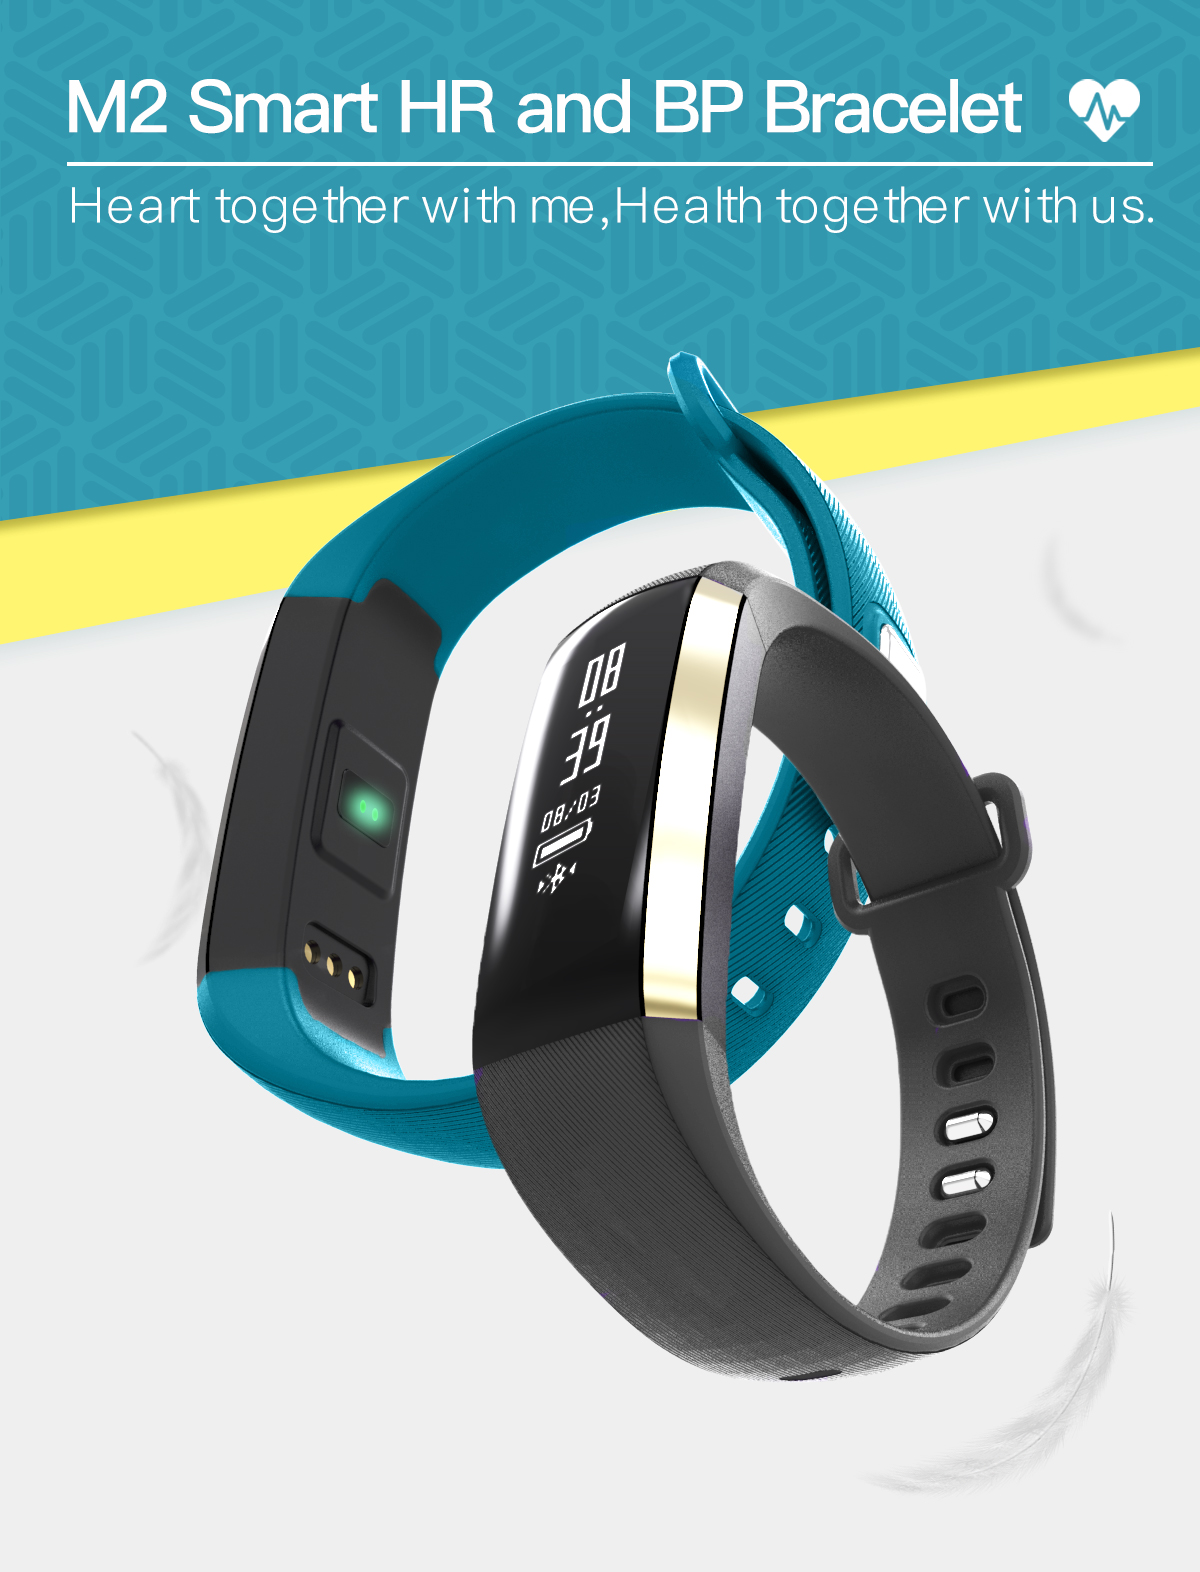 ถูก เดิมM2สมาร์ทวงนหัวใจความดันโลหิตออกซิเจนOximeterกีฬาสร้อยข้อมือนาฬิกานาฬิกาInteligente P UlsoสำหรับiOS A Ndroidผู้ชาย